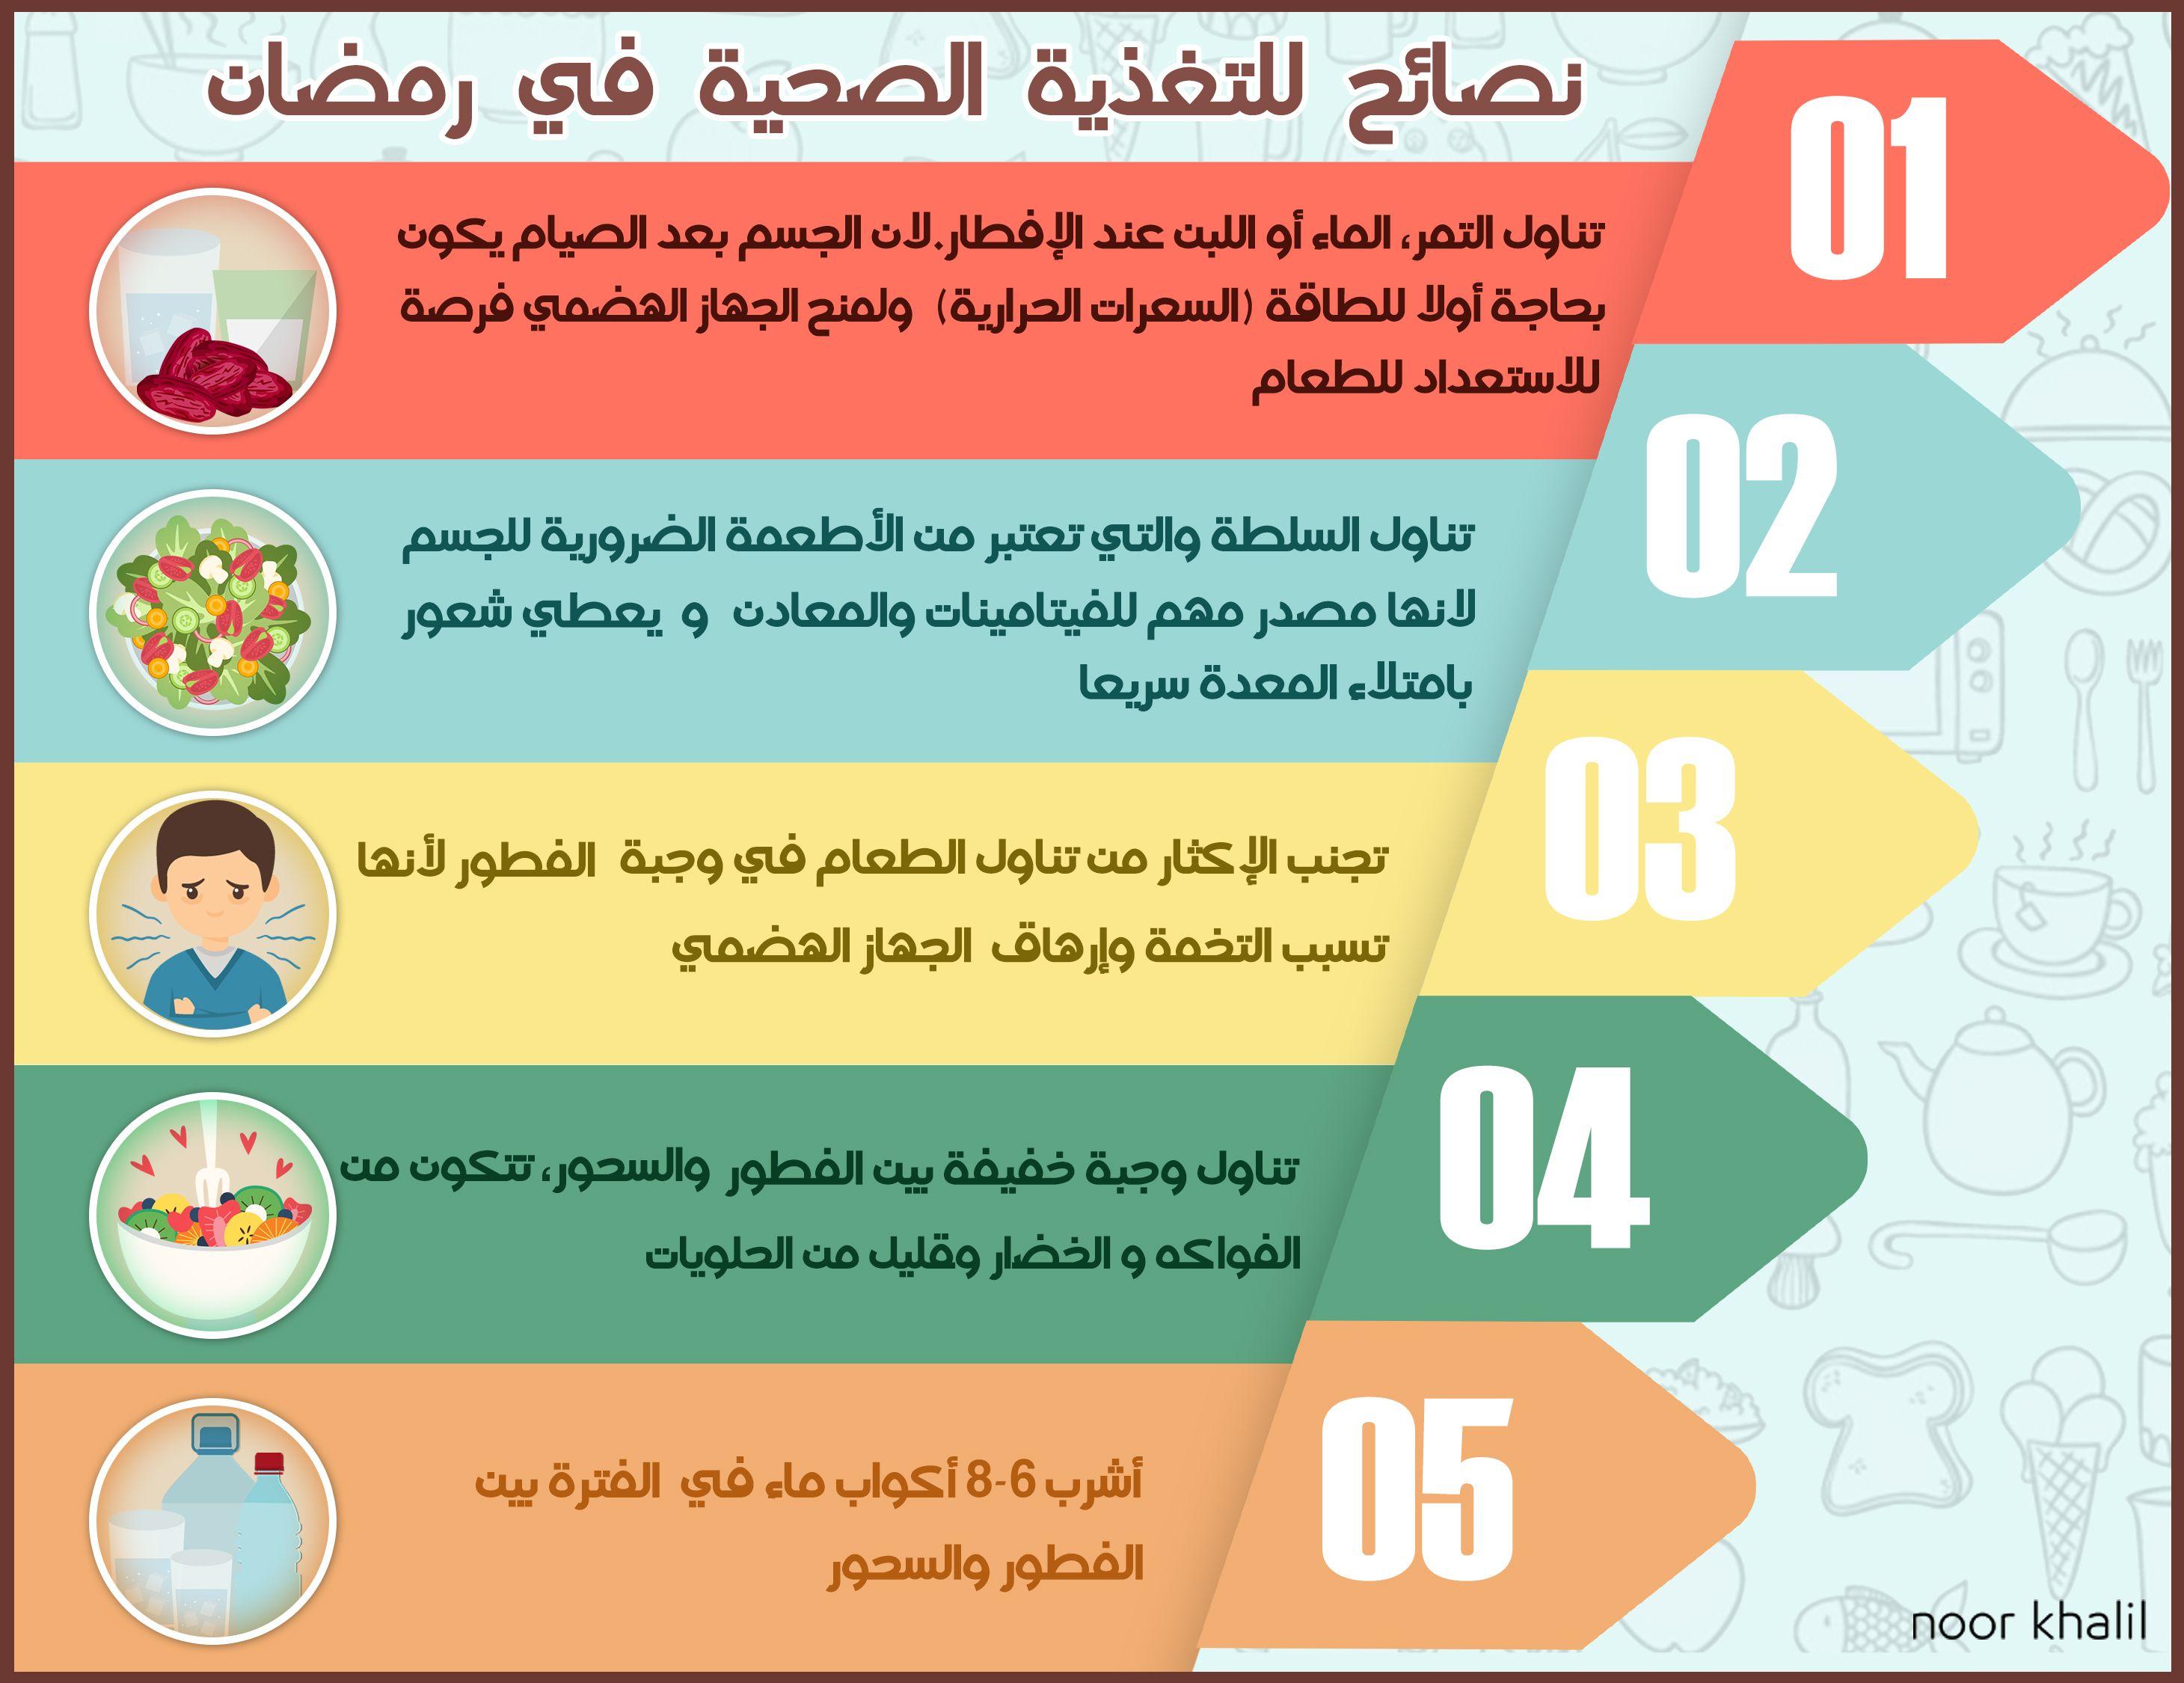 نصائح للتغذية الصحية في رمضان Ramadan, Fruit calories